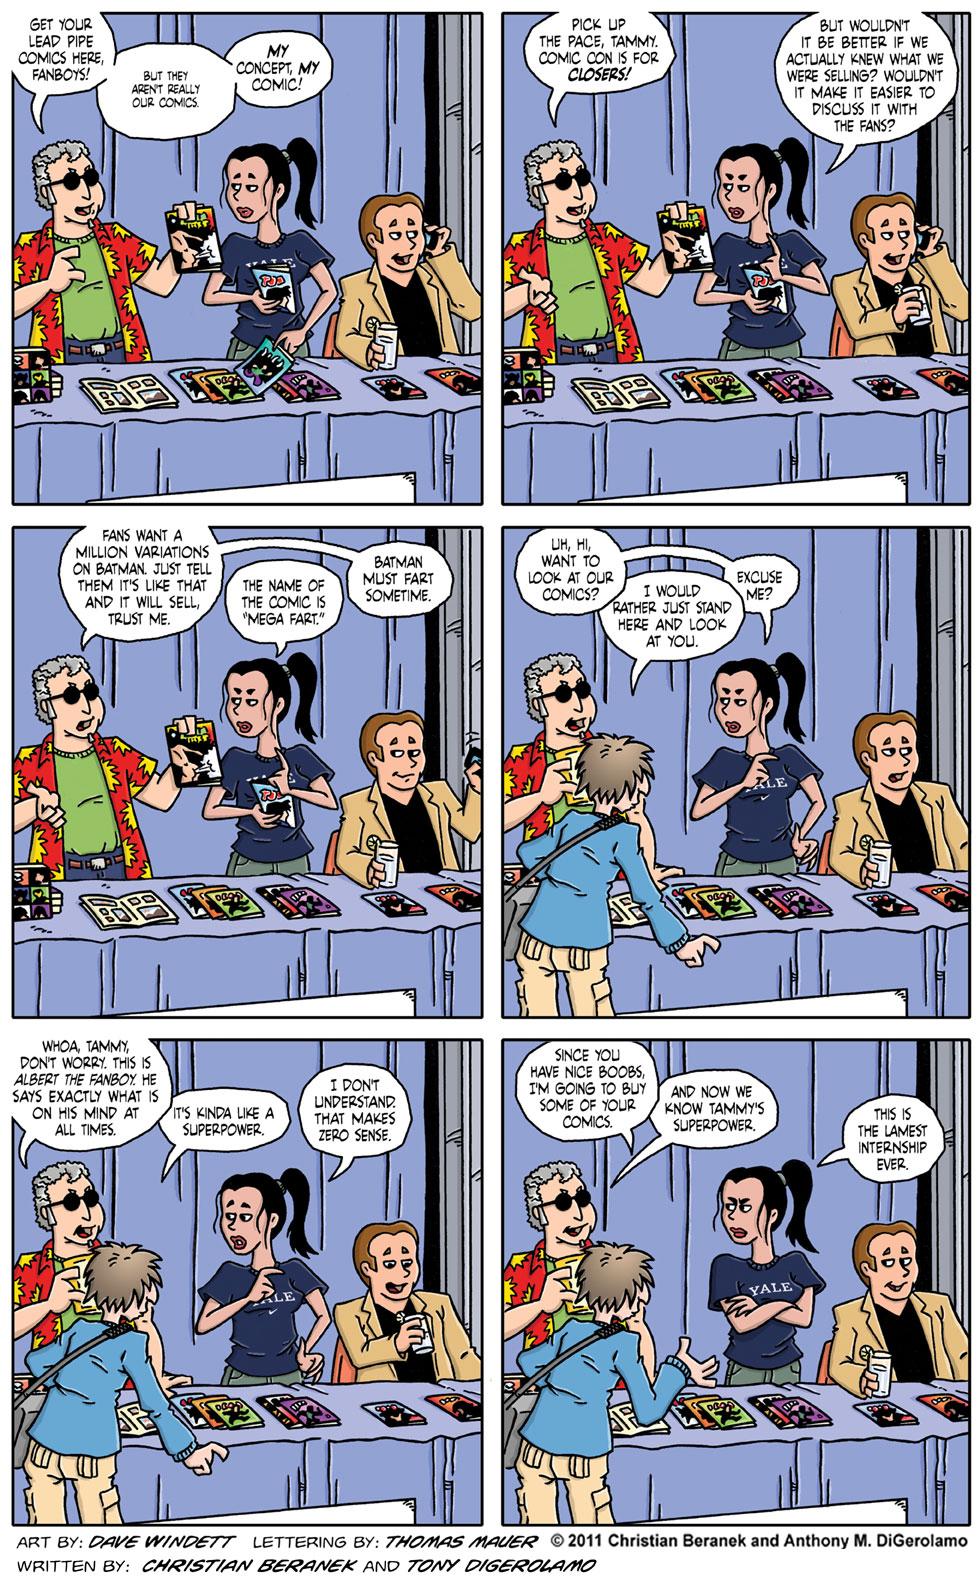 Comic Book Mafia #54:  The Con is for Closers